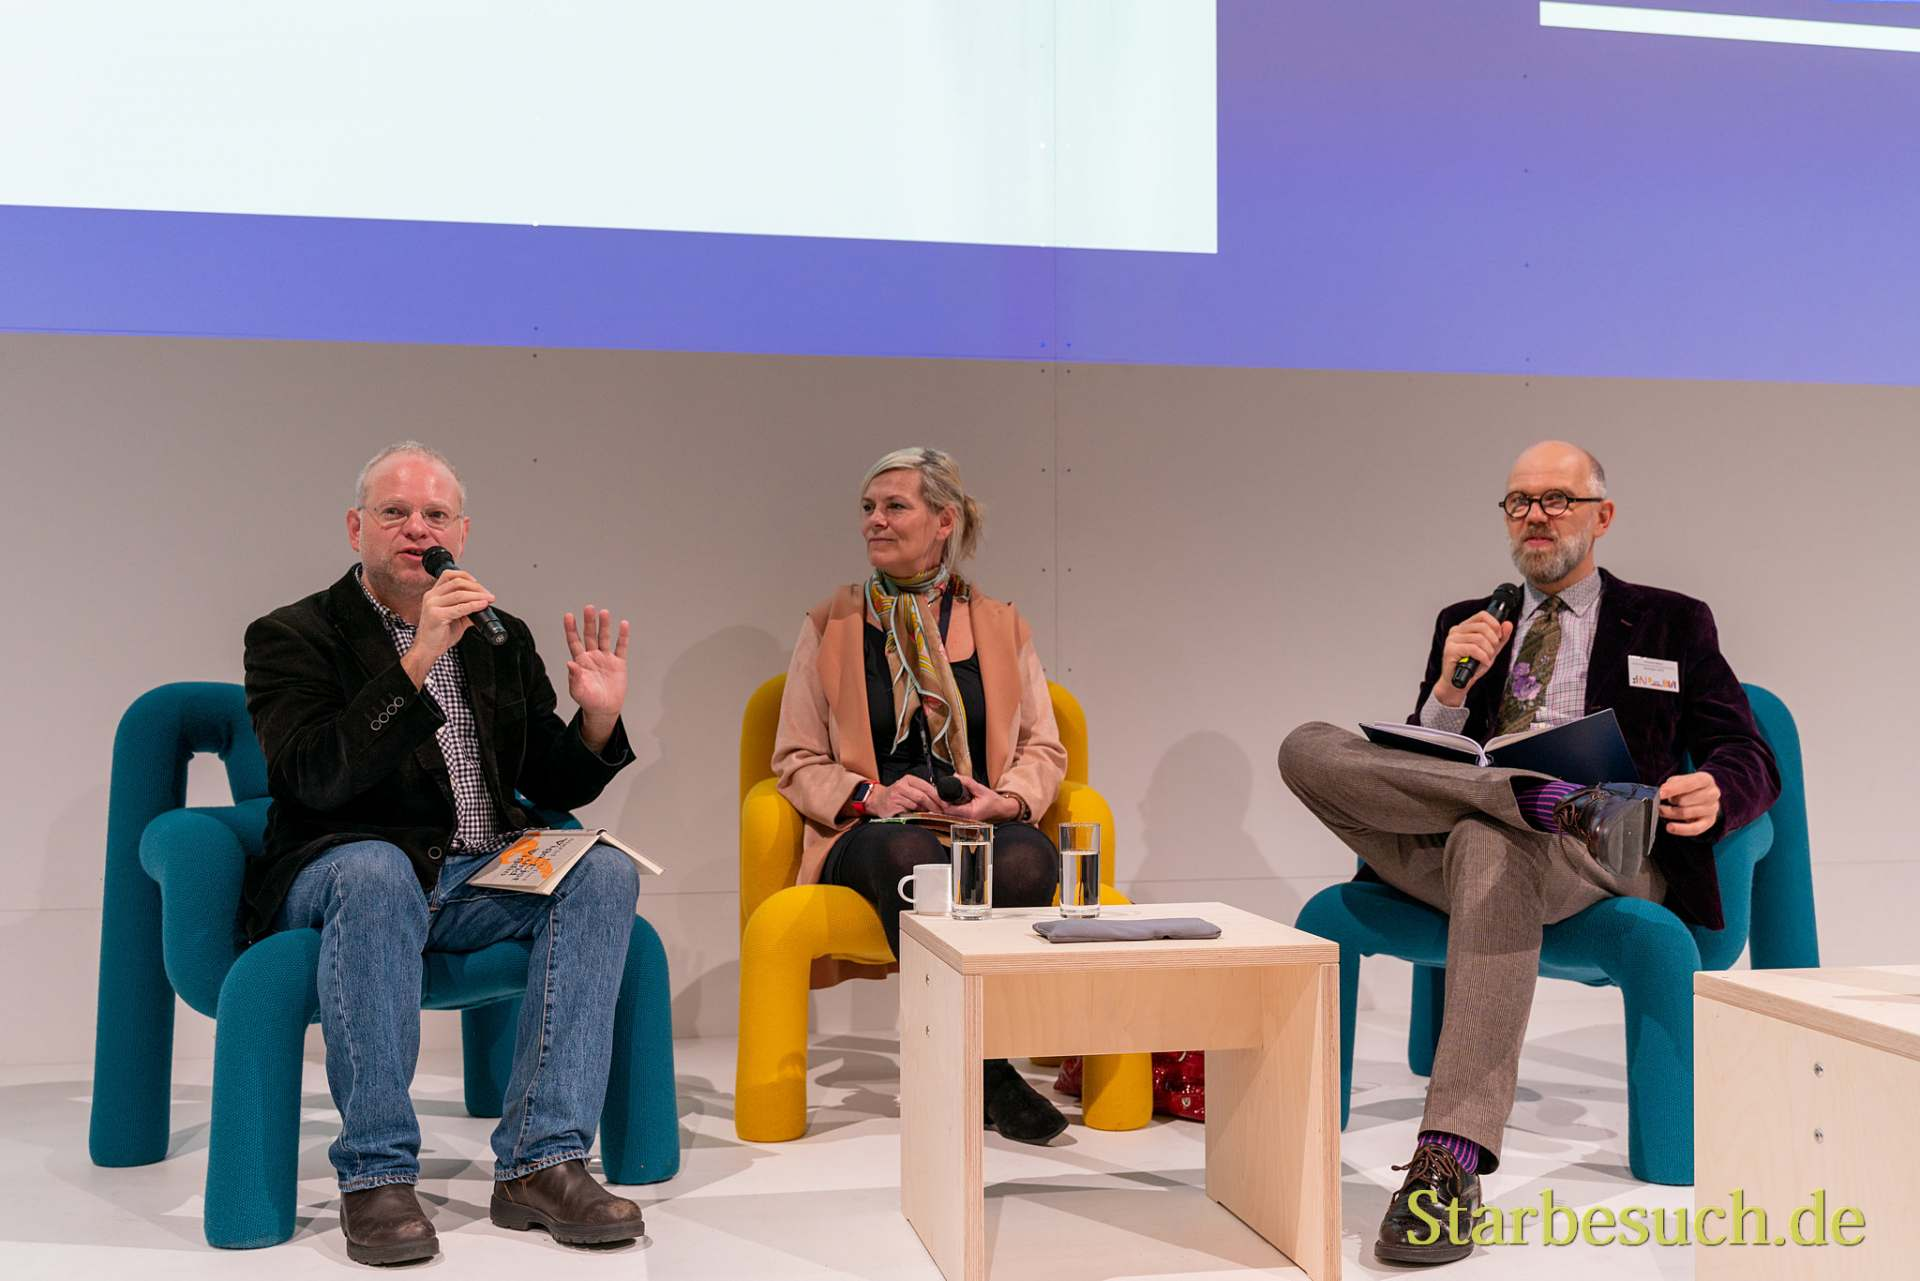 Kristof Magnusson und Kristin Brandtsegg Johansen